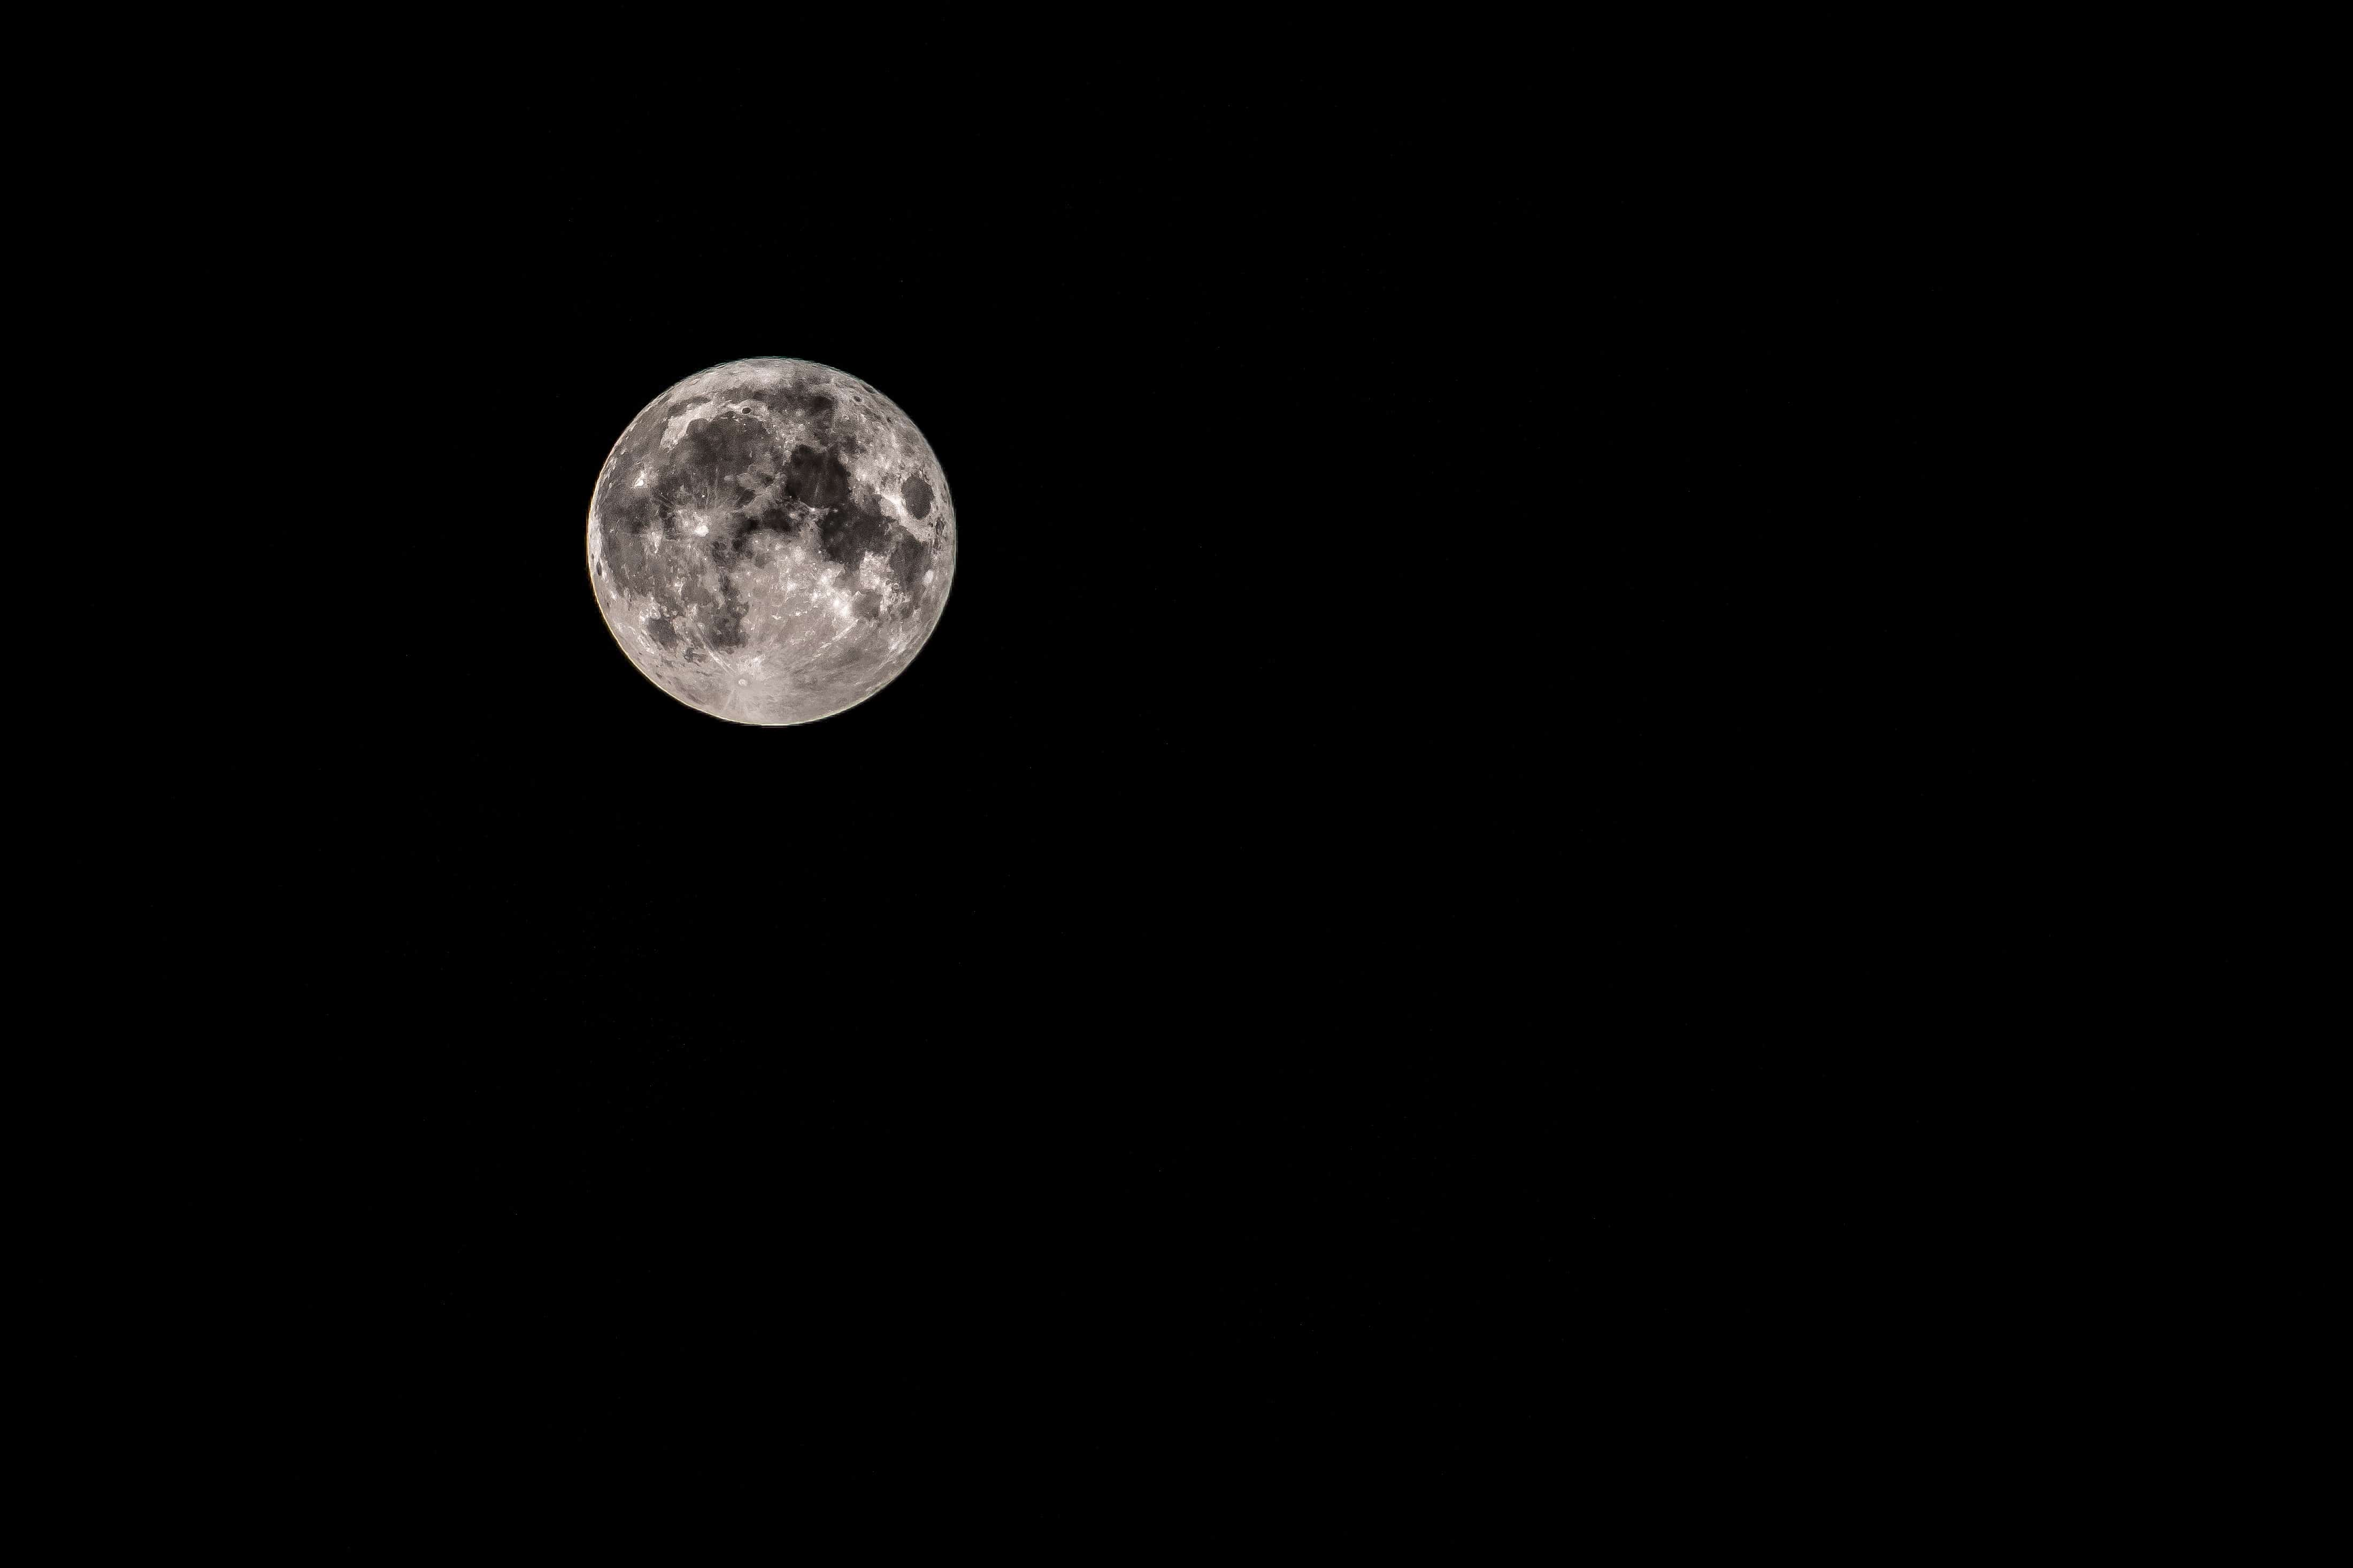 闇夜に浮かぶ月